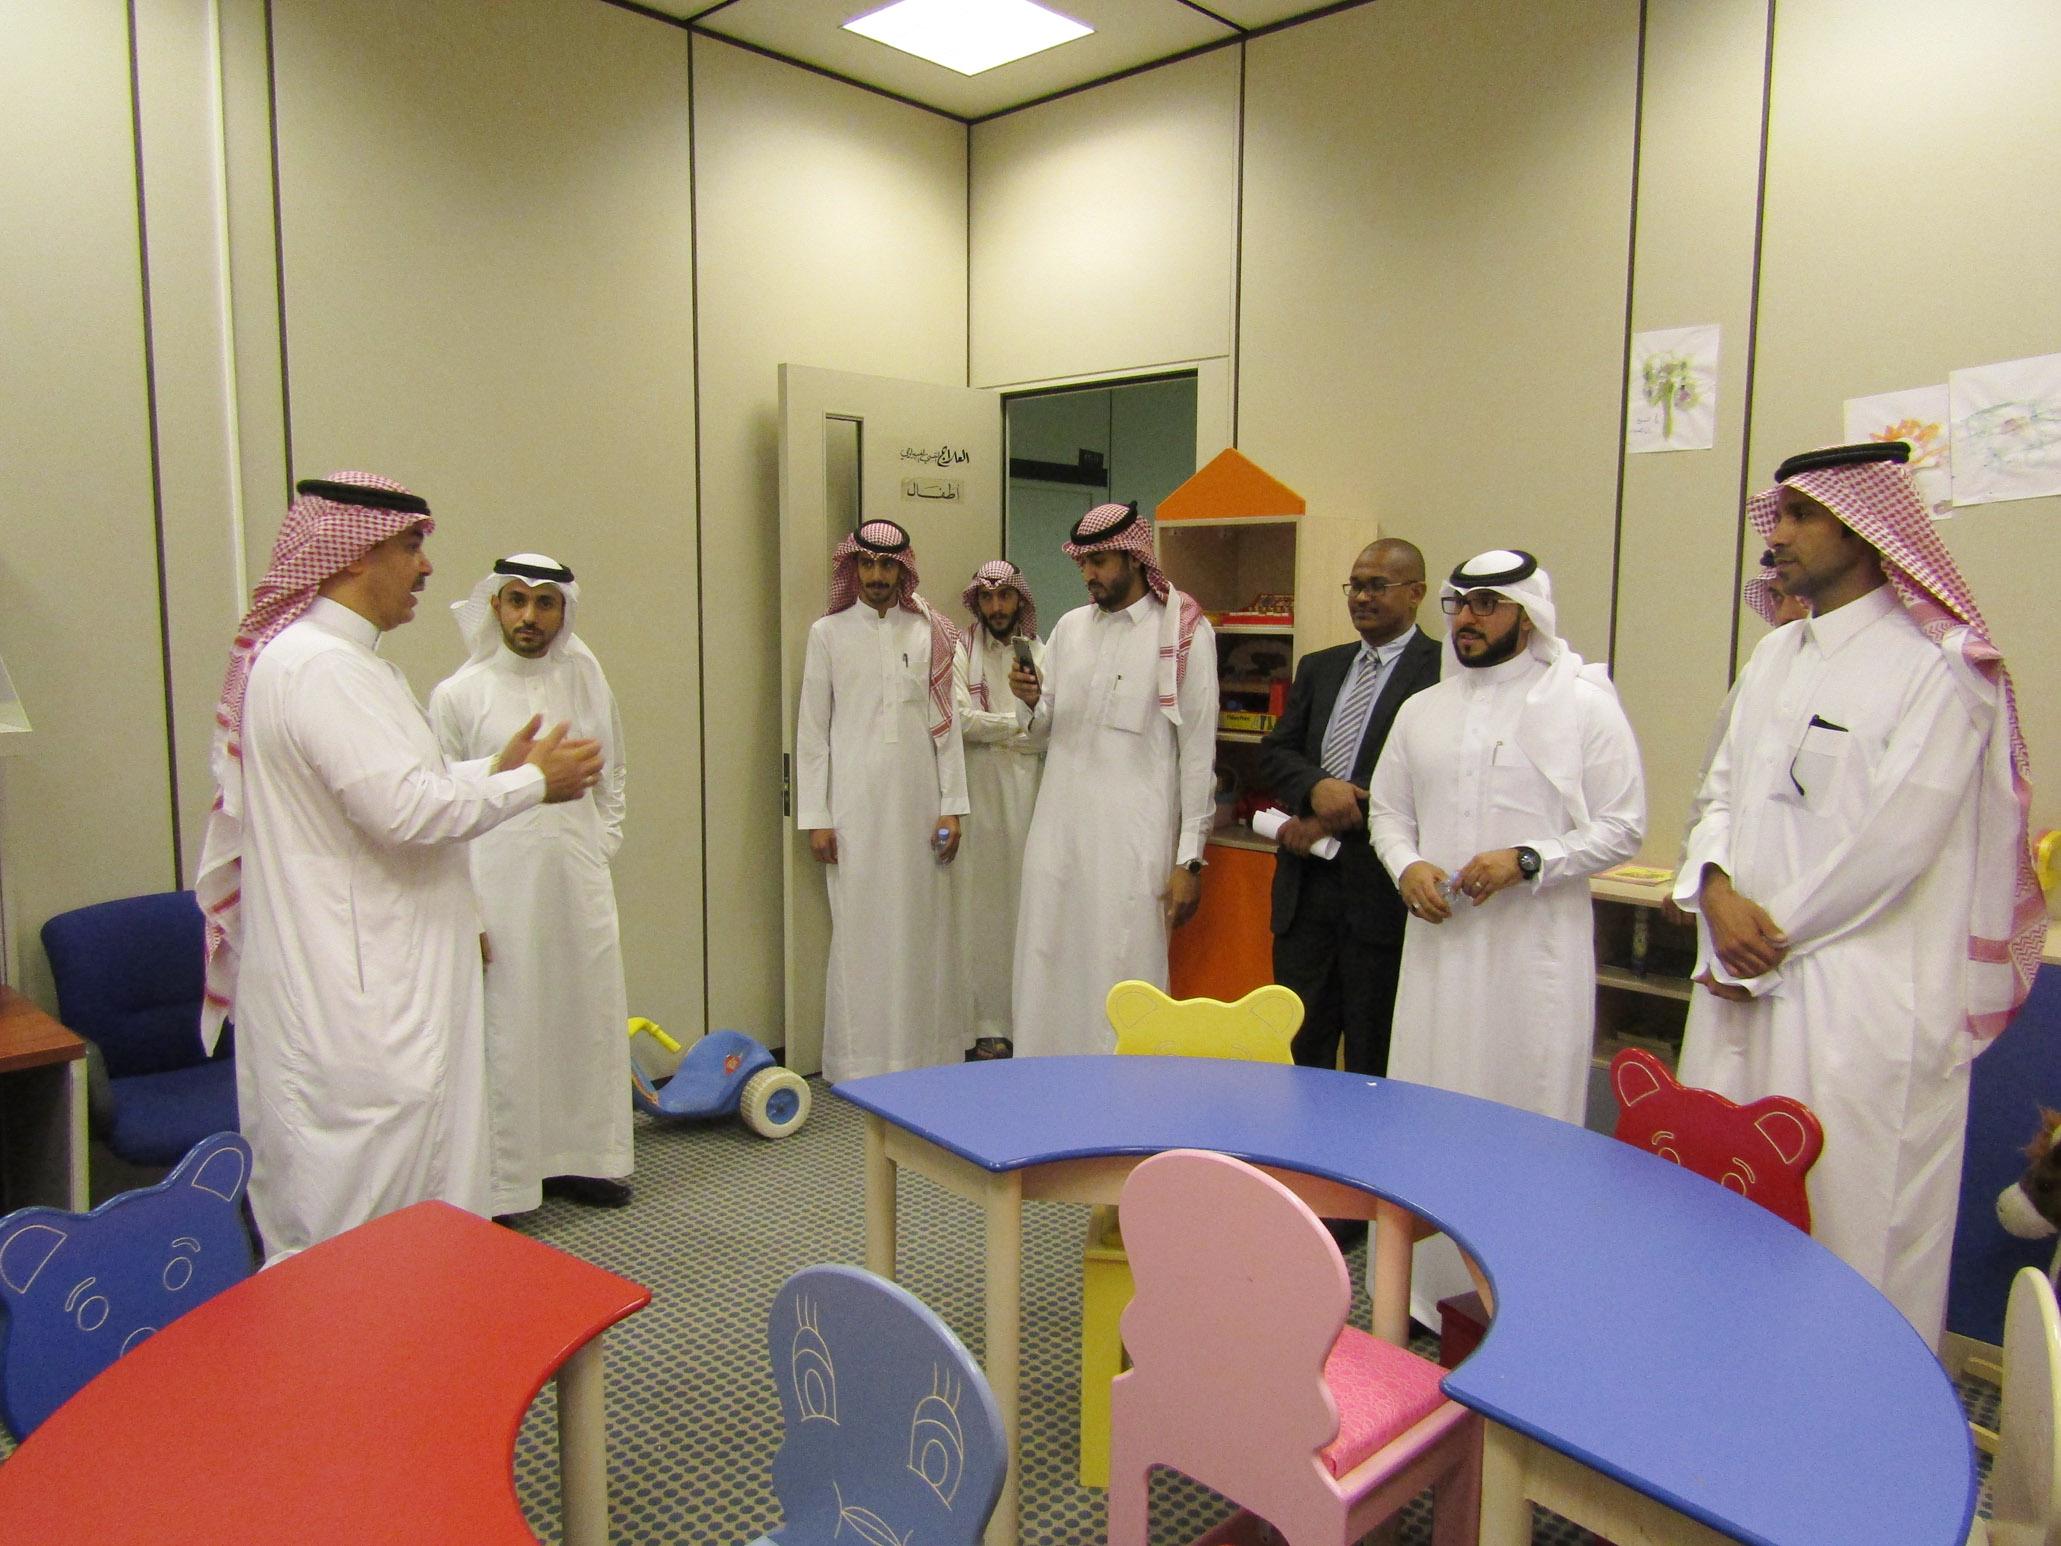 وفد من أعضاء هيئة التدريس والمحاضرين من جامعة الامام يزورون قسم علم النفس بكلية التربية